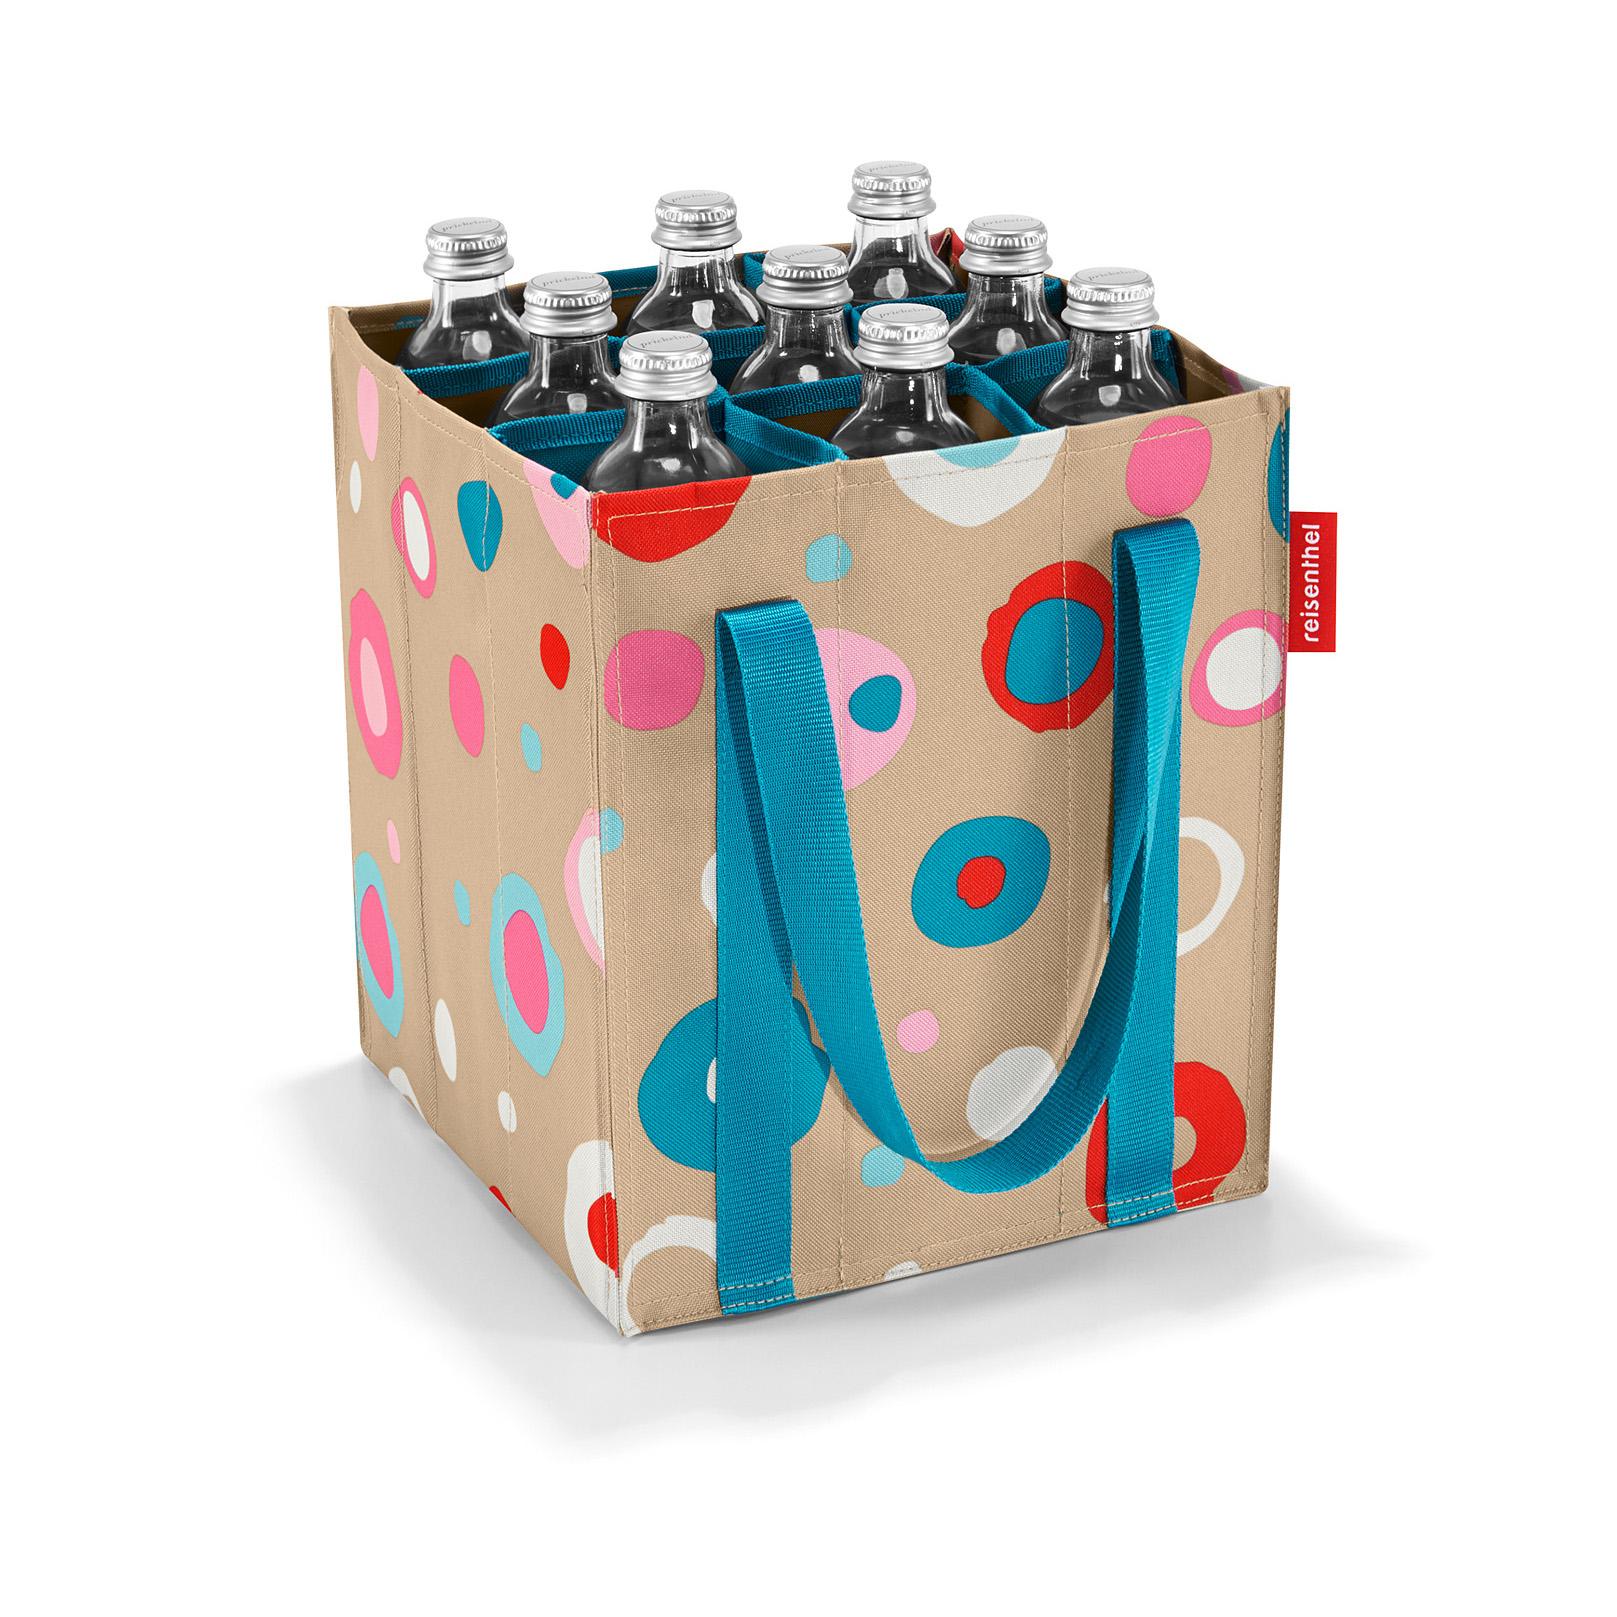 reisenthel bottlebag Flaschentasche Flaschenkorb Einkaufstasche Flaschen Korb eBay ~ 01230907_Reisenthel Wäschekorb Schwarz